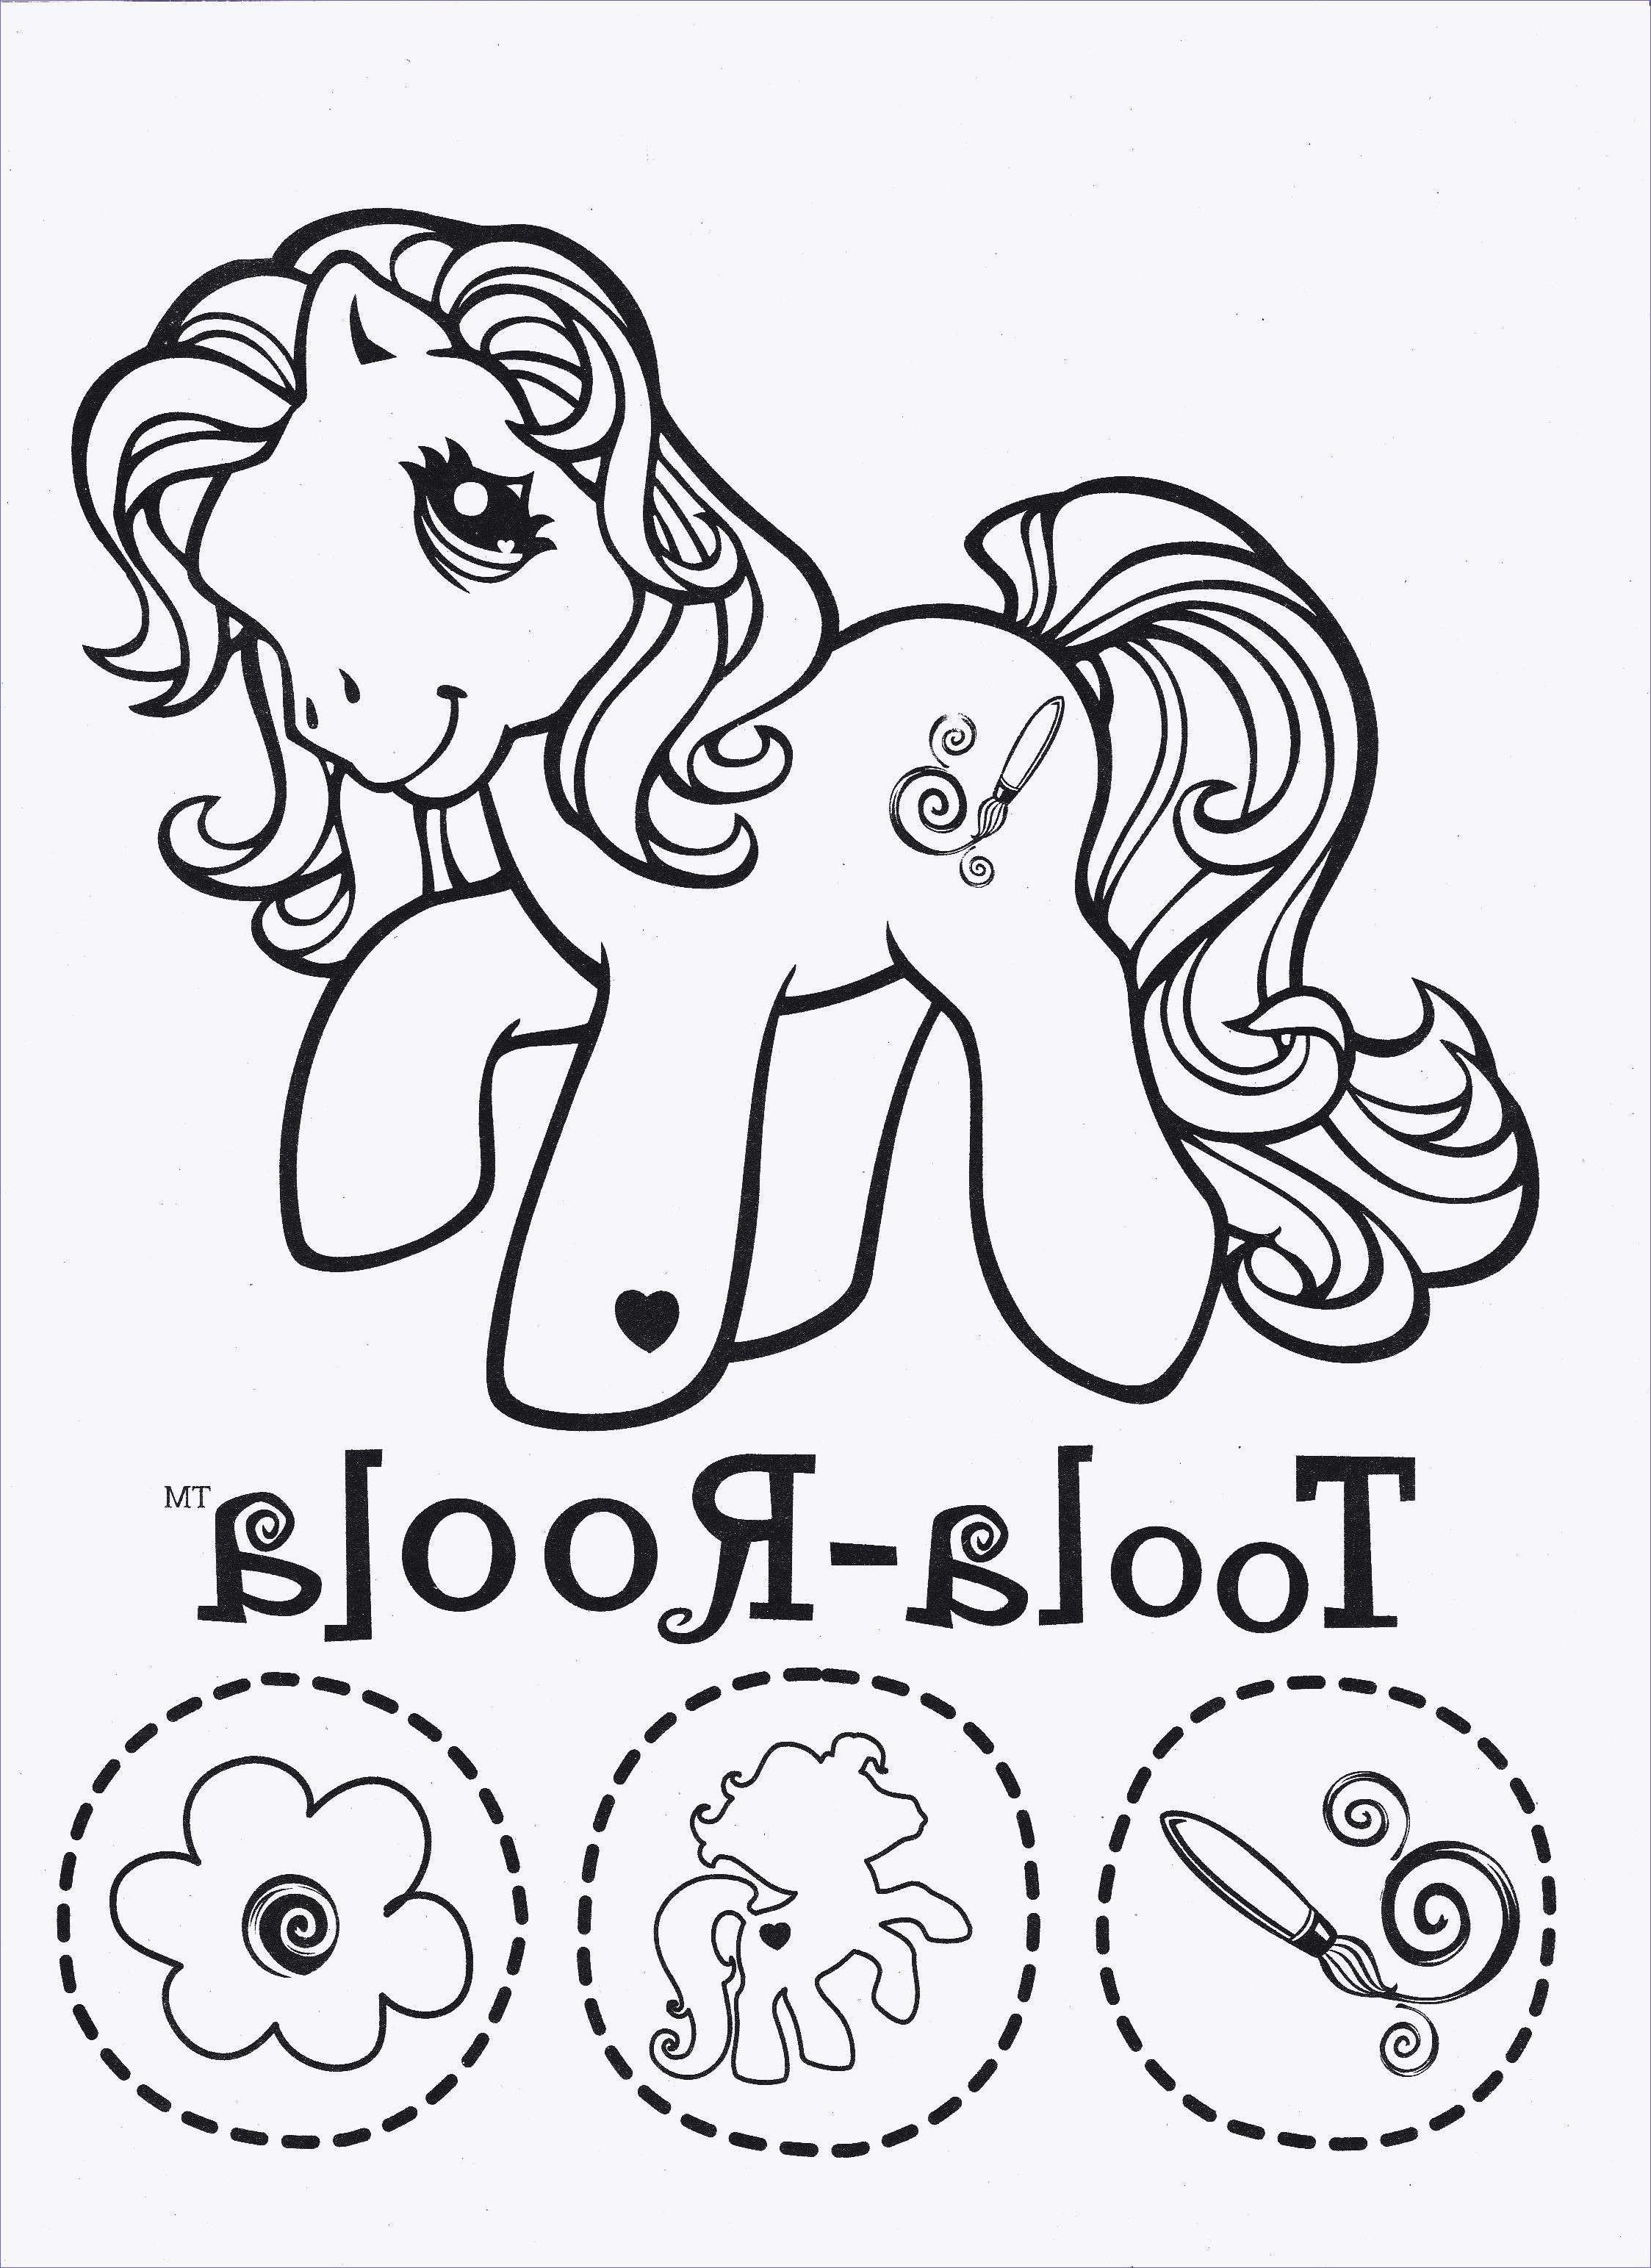 Malvorlagen My Little Pony Das Beste Von 32 Fantastisch Ausmalbilder My Little Pony – Malvorlagen Ideen Fotos